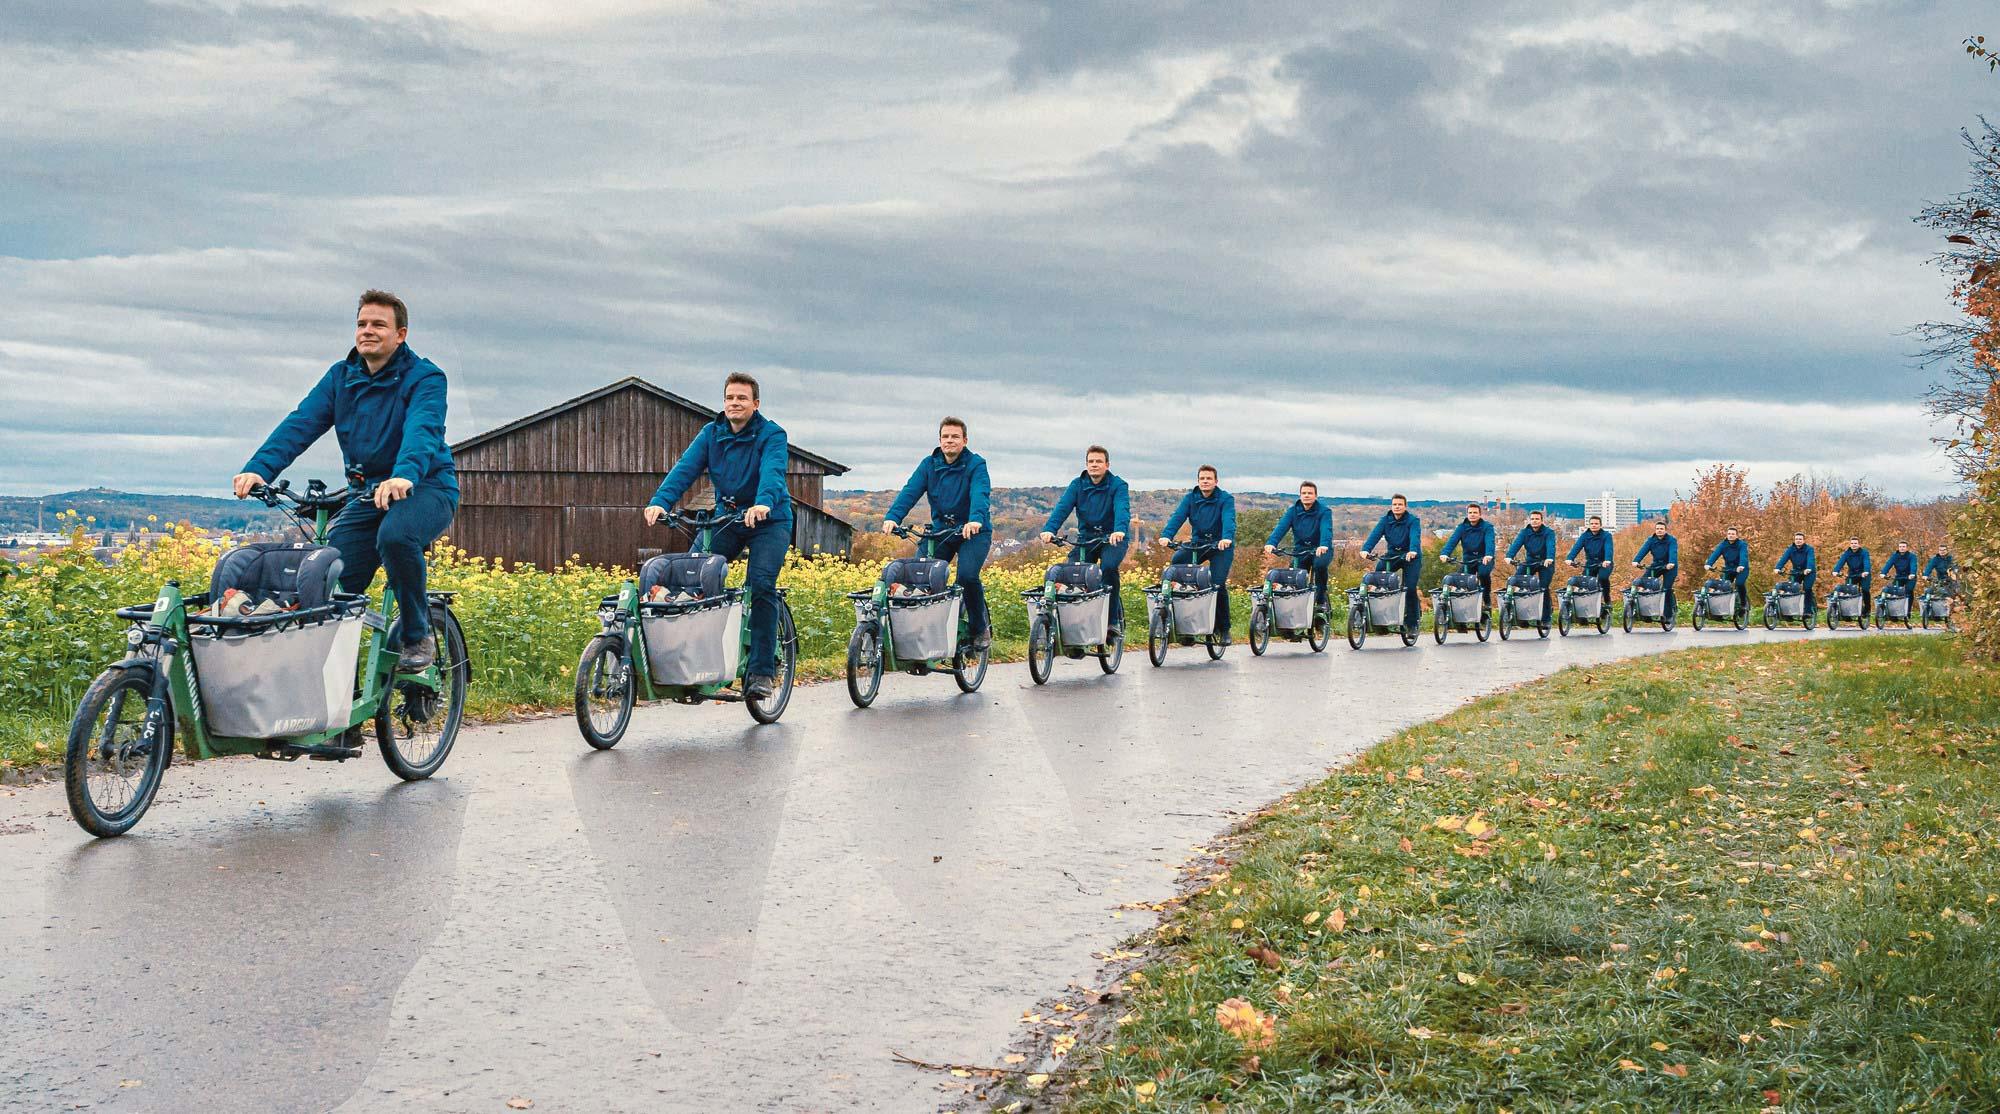 Vorwärts unterwegs mit den Fahrrad, mit Rücksicht auf die Natur. Die Wiederholung übernimmt Photoshop... Schweres Ding 😎